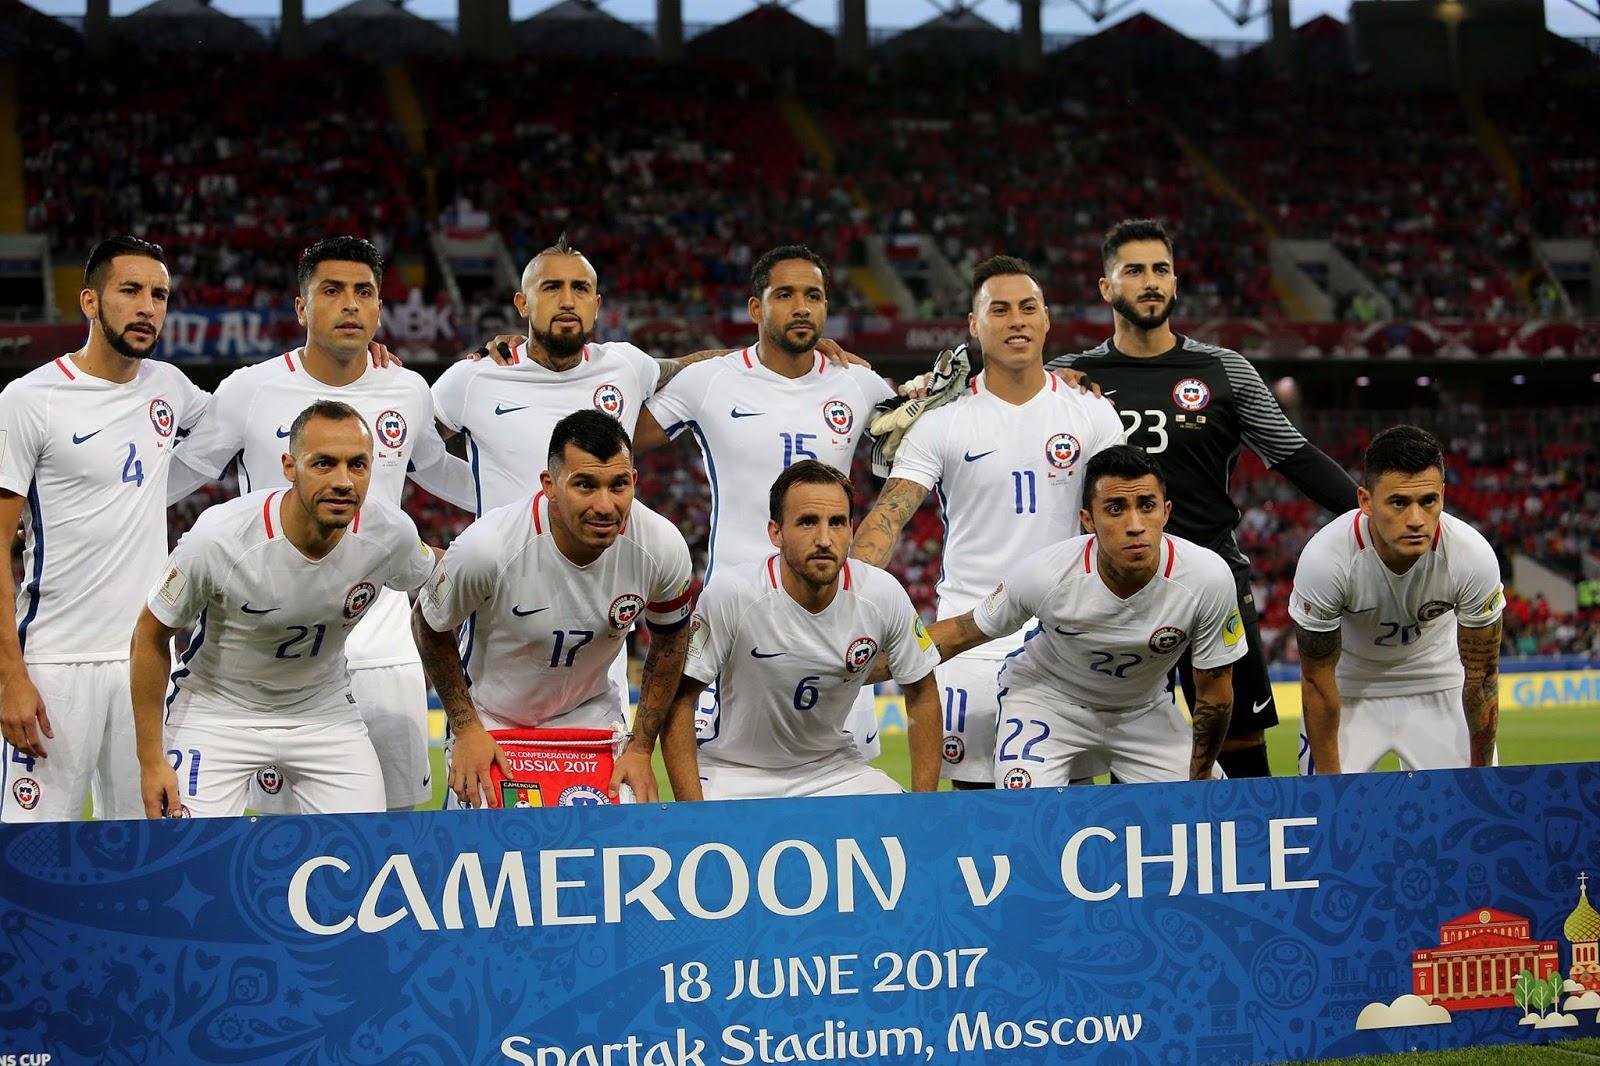 Formación de Chile ante Camerún, Copa Confederaciones 2017, 18 de junio